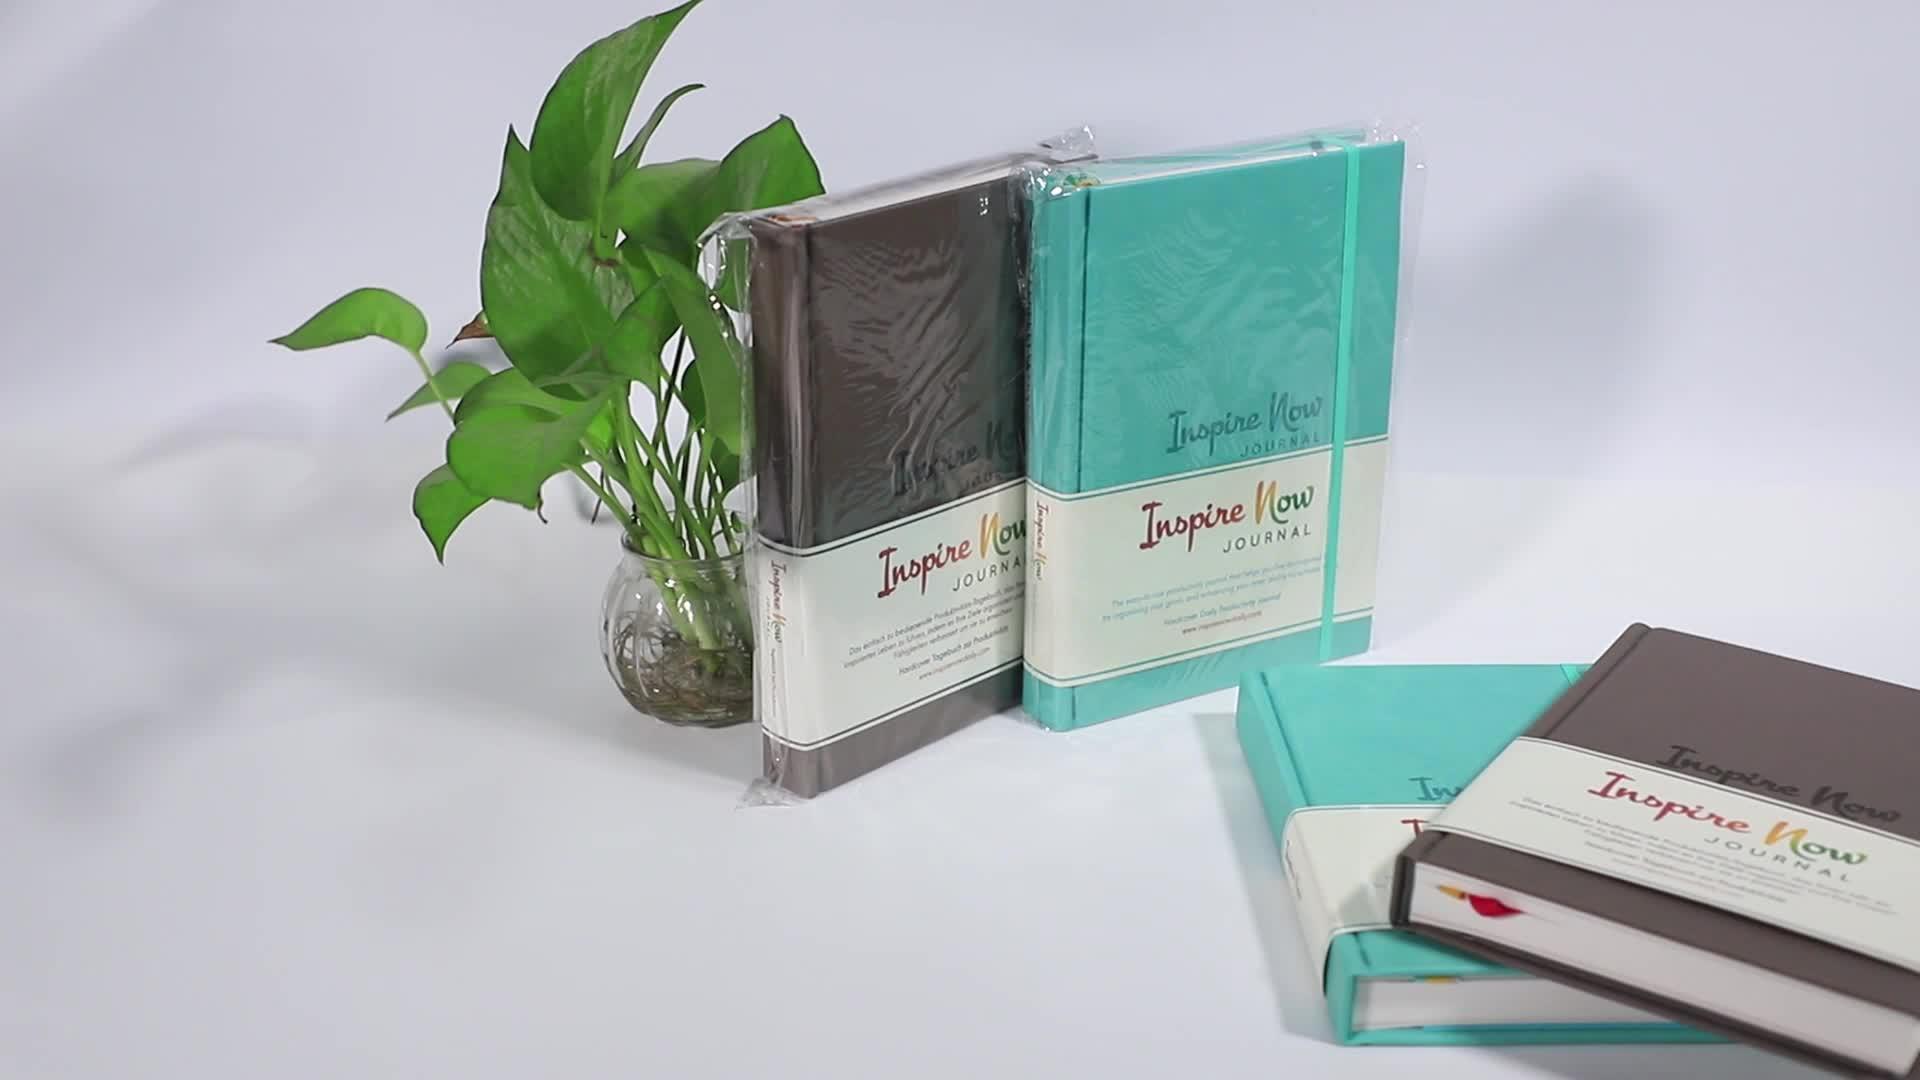 Kulit kustom grosir bulu binatang untuk pakaian buatan tangan pencetakan buku jurnal